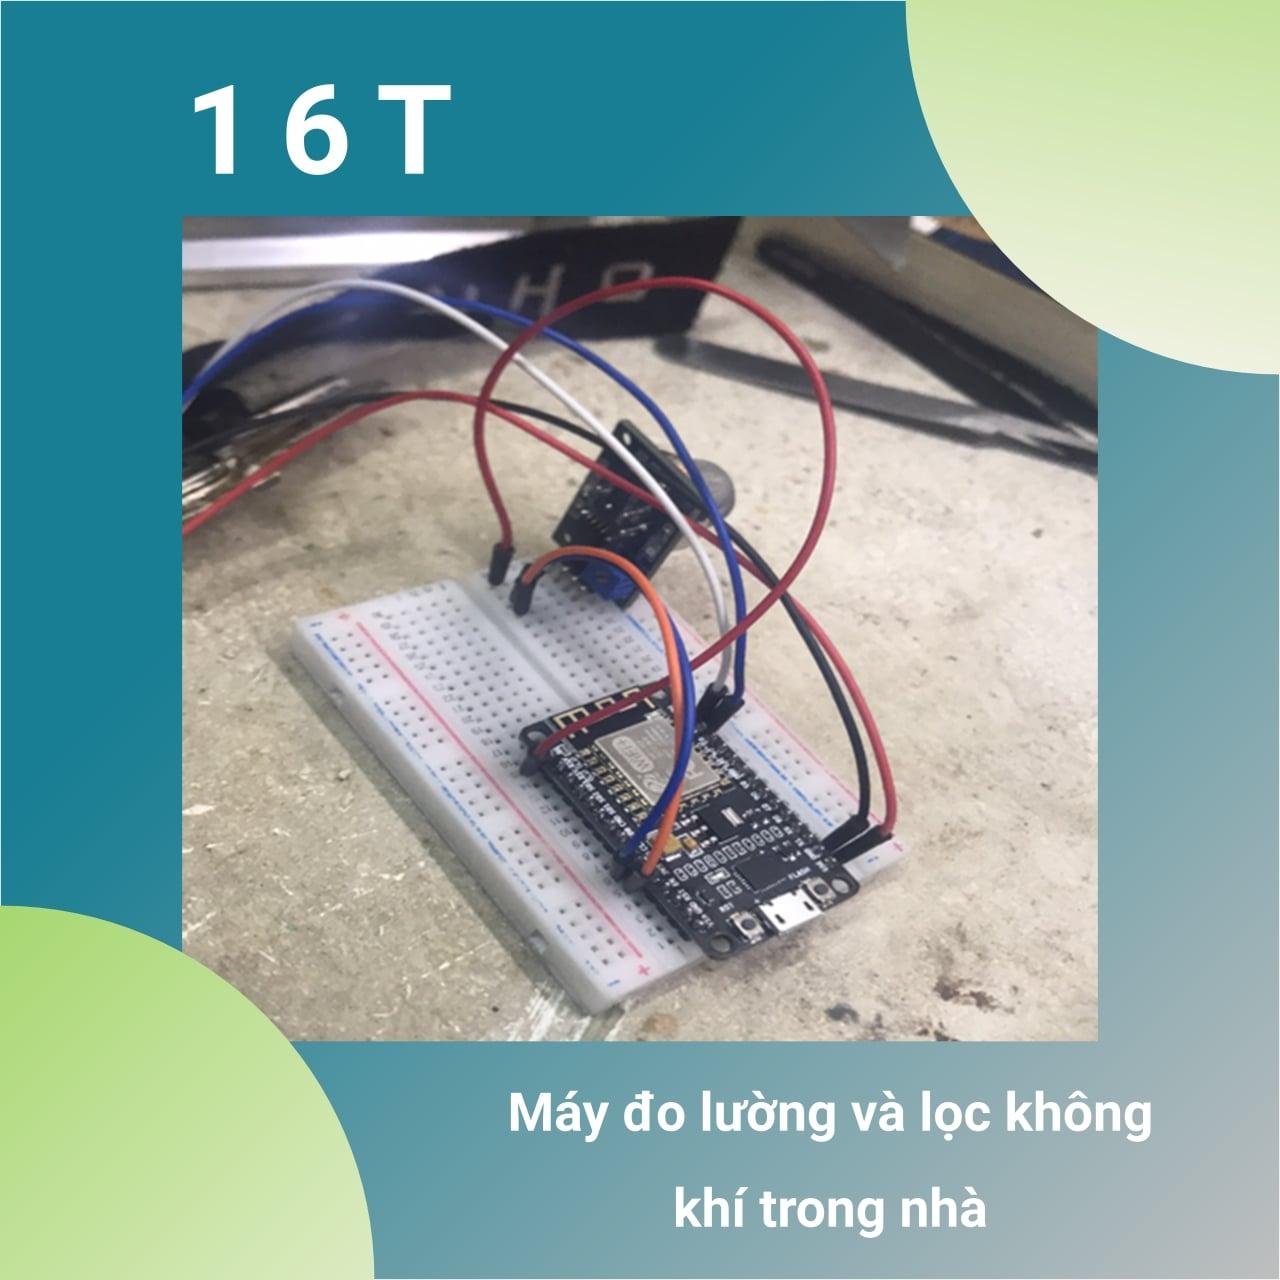 Nhóm 16T - Máy đo lường và lọc không khí trong nhà